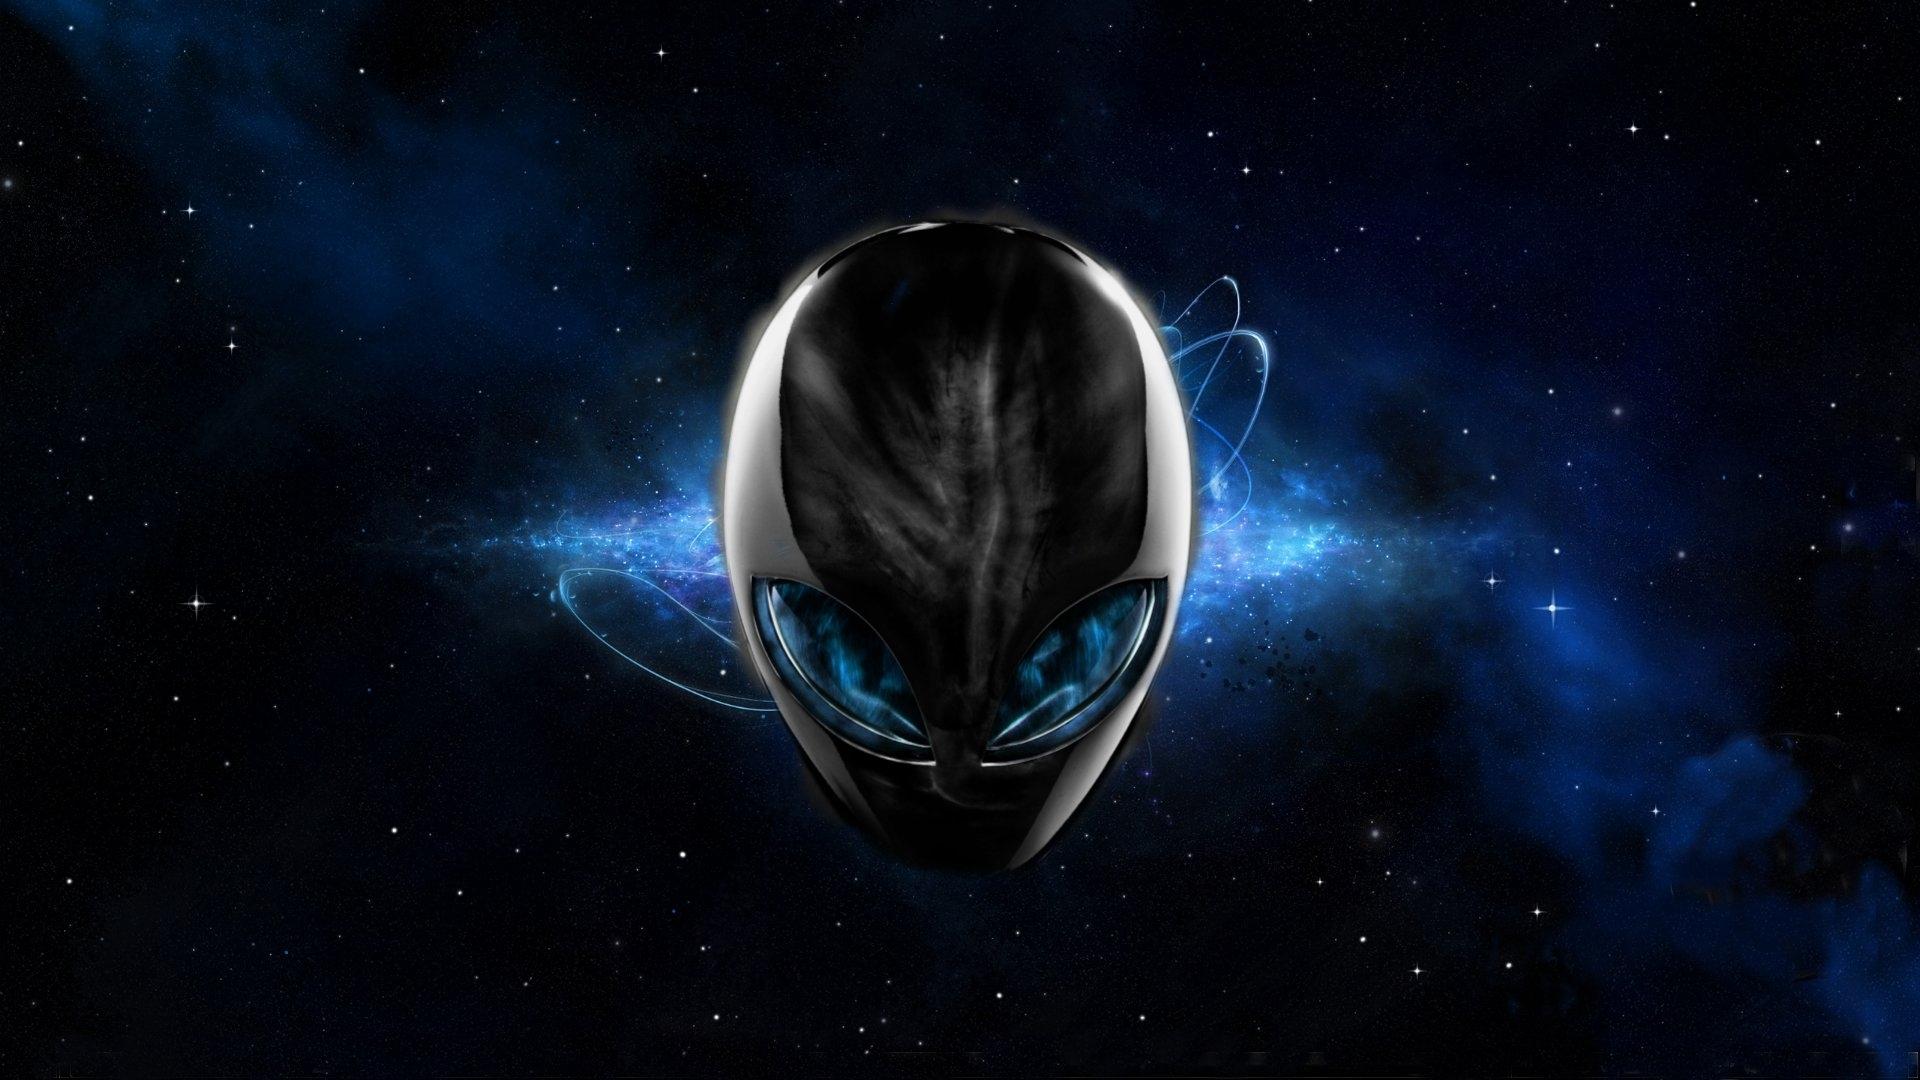 126 alienware fonds d'écran hd | arrière-plans - wallpaper abyss